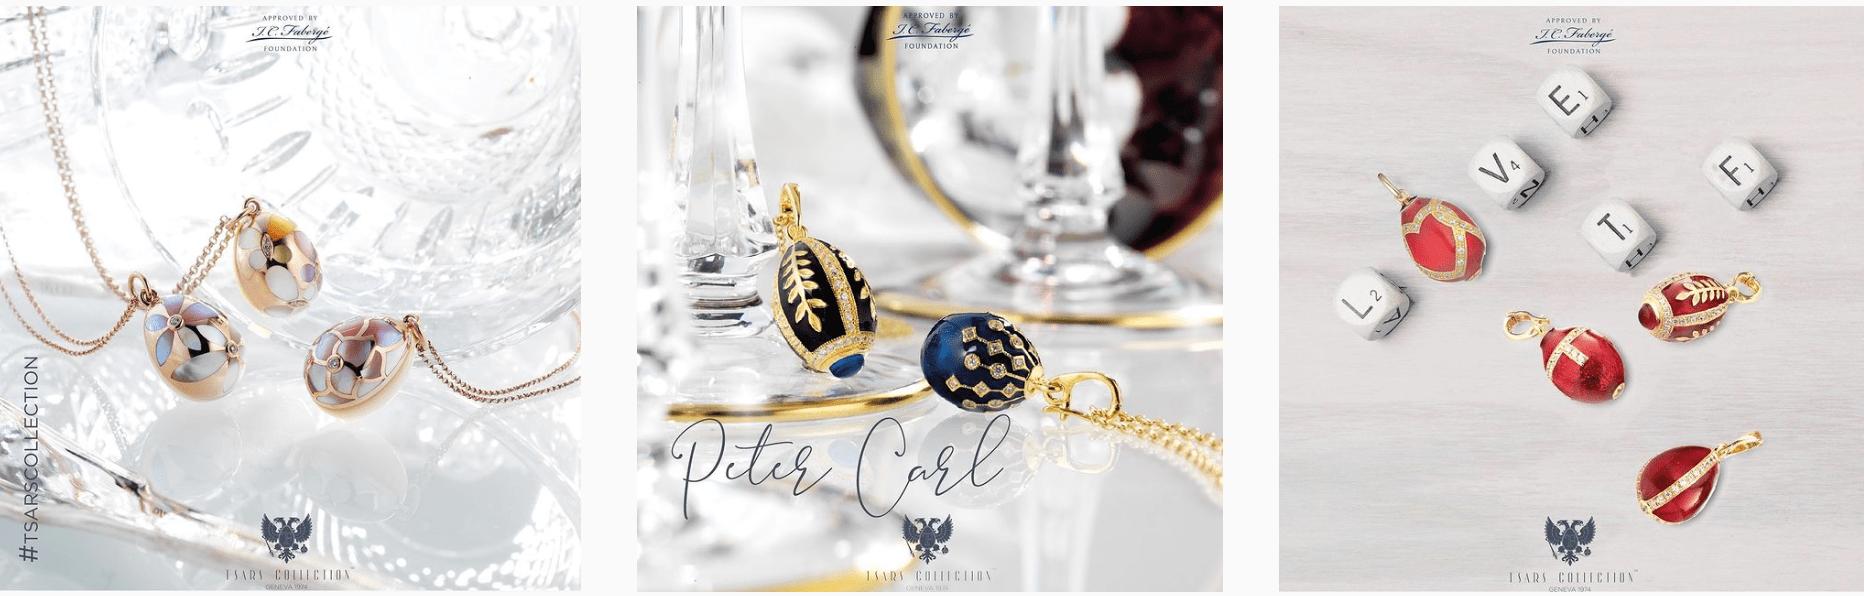 Gouden en zilveren sieraden uit de Tsars Collectie van Faberge bij juwelier Zilver.nl